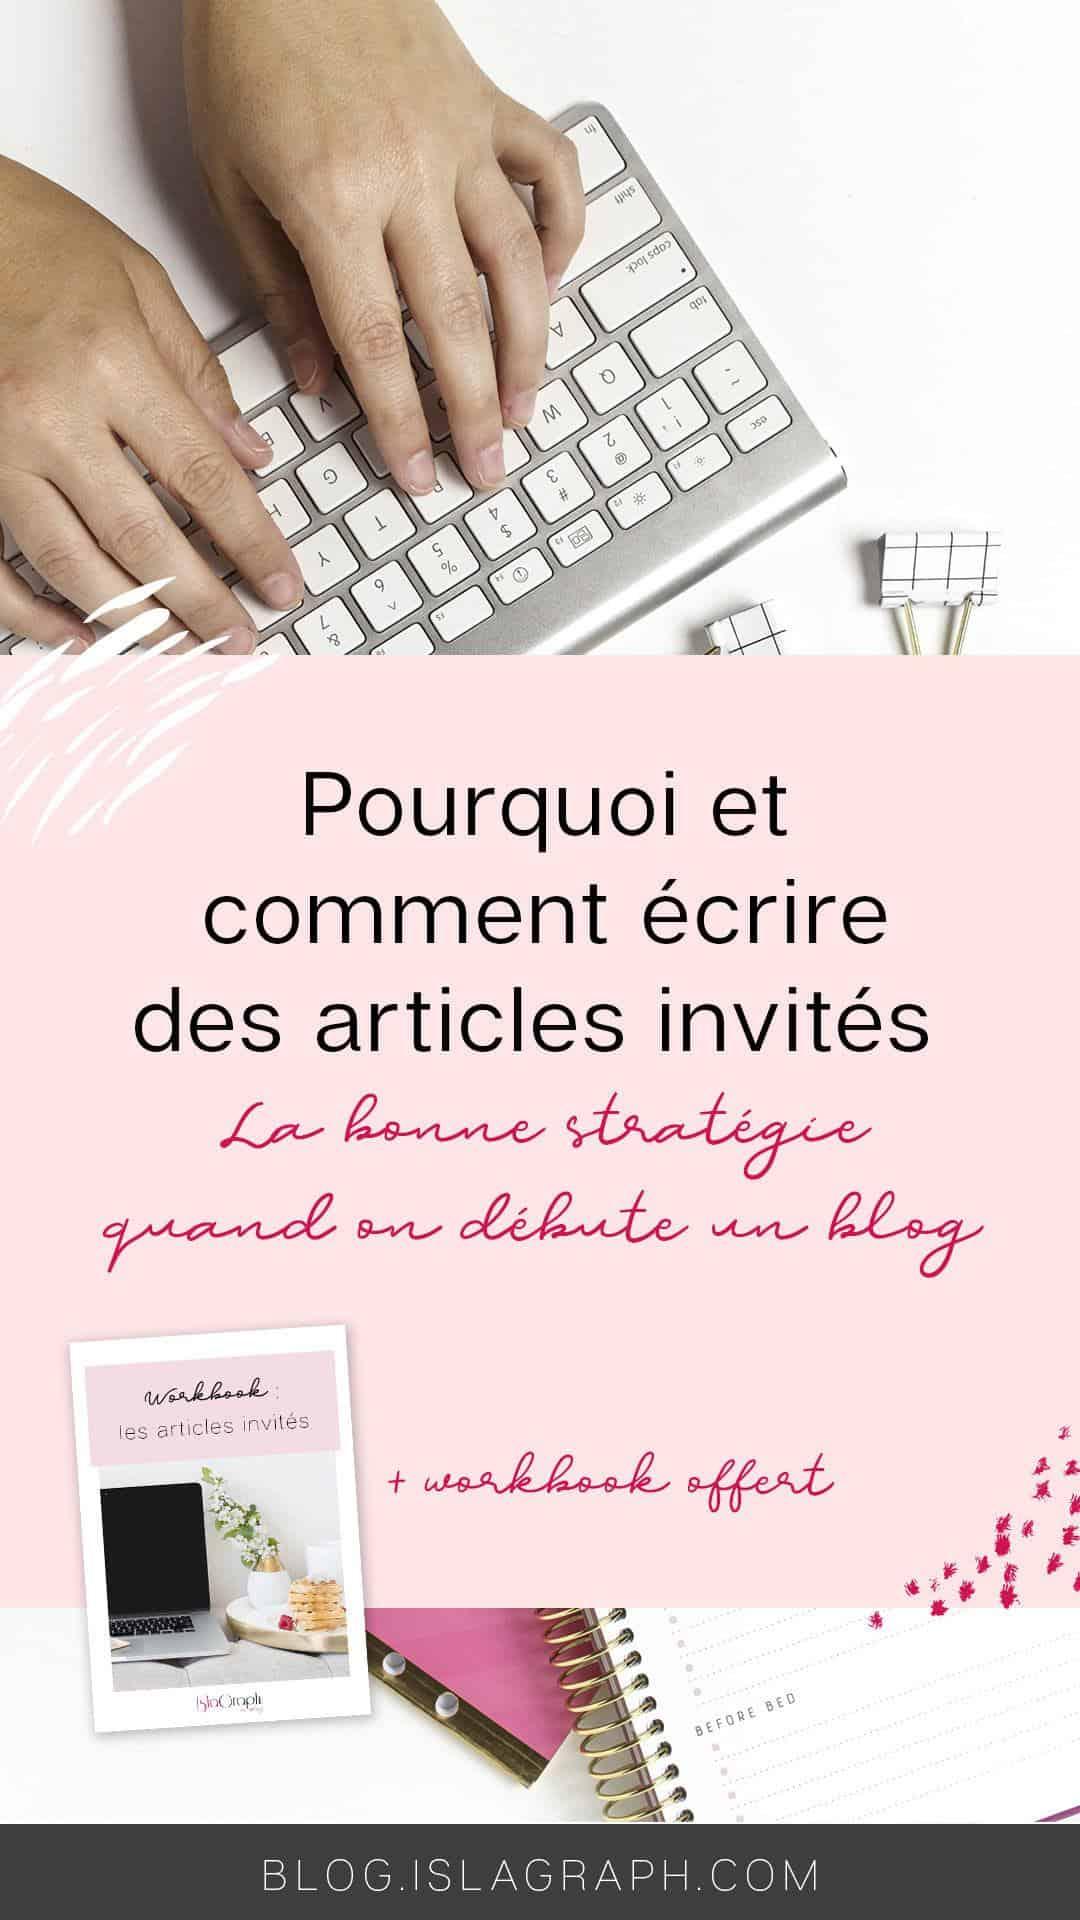 La rédaction d'article invité est une stratégie a adopter au plus tôt lorsque l'on commence un blog. Les bénéfices derrière cette stratégie sont nombreuse, mais souvent on ne sait pas réellement comment s'y prendre.